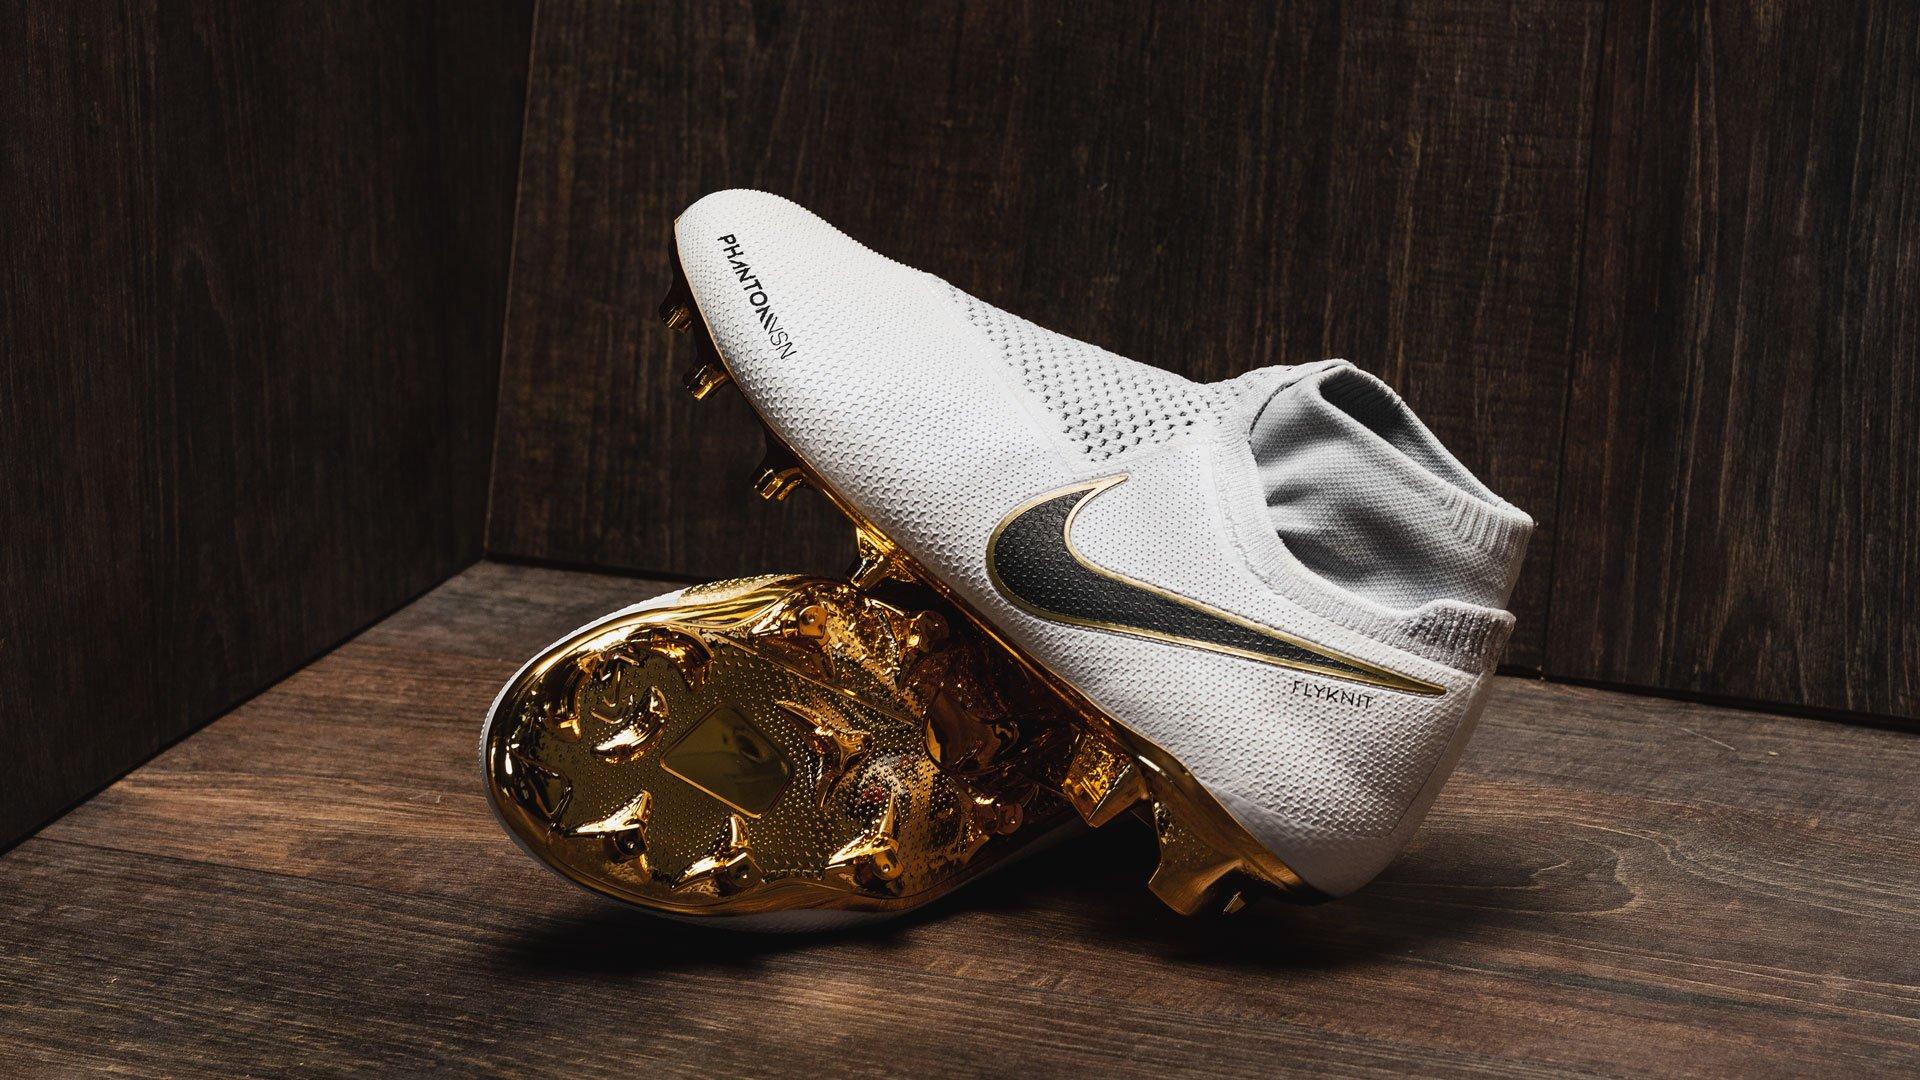 Sur Crampons Phantomvsn Les Nouveaux GoldDécouvre Tout Nike cL43ARj5q